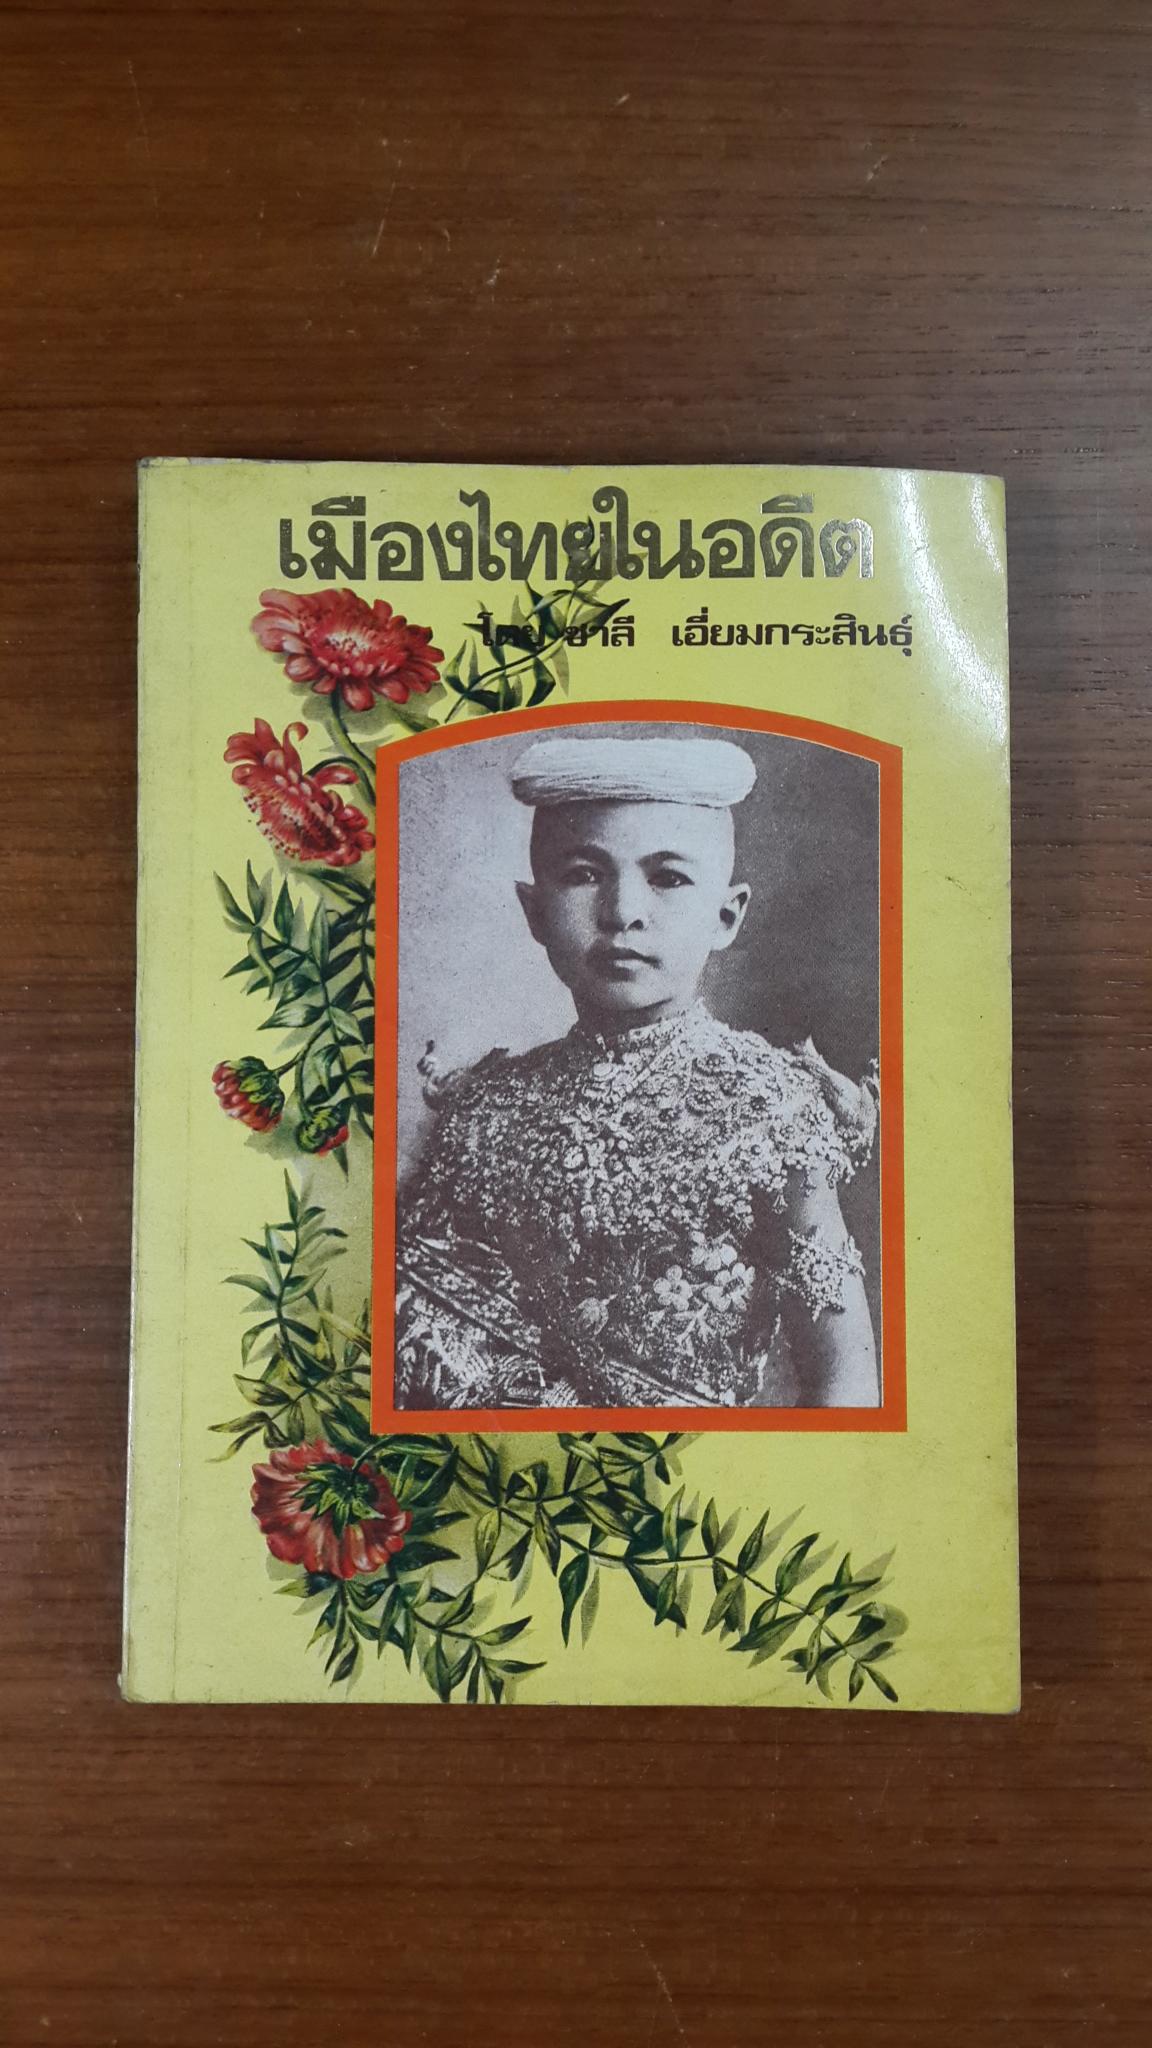 เมืองไทยในอดีต / ชาลี เอี่ยมกระสินธุ์